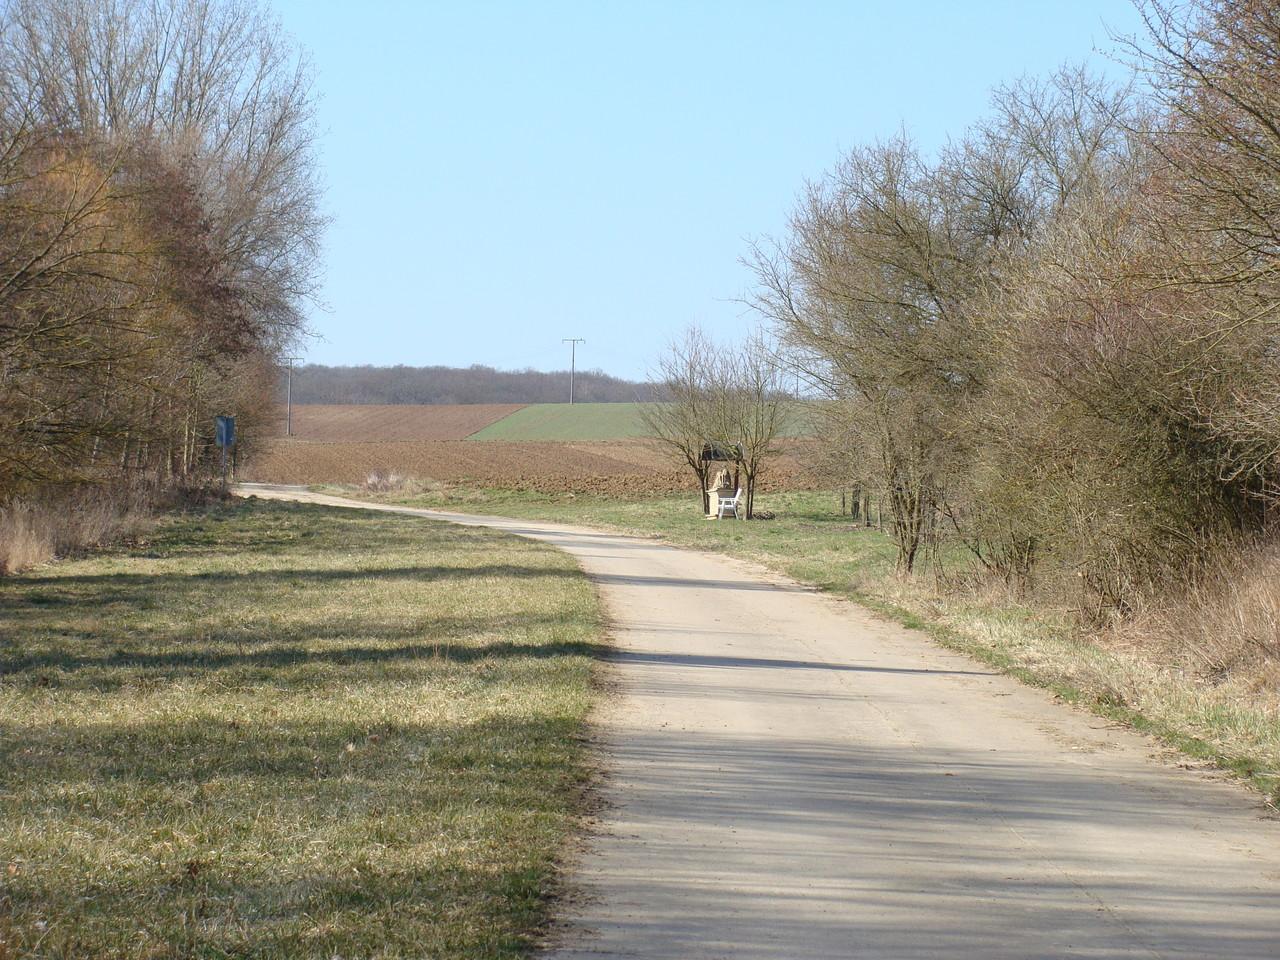 Mein täglicher Spazierweg mit Basco. Von der Straße Richtung Obereisenheim geht dieser Weg rechts ab.